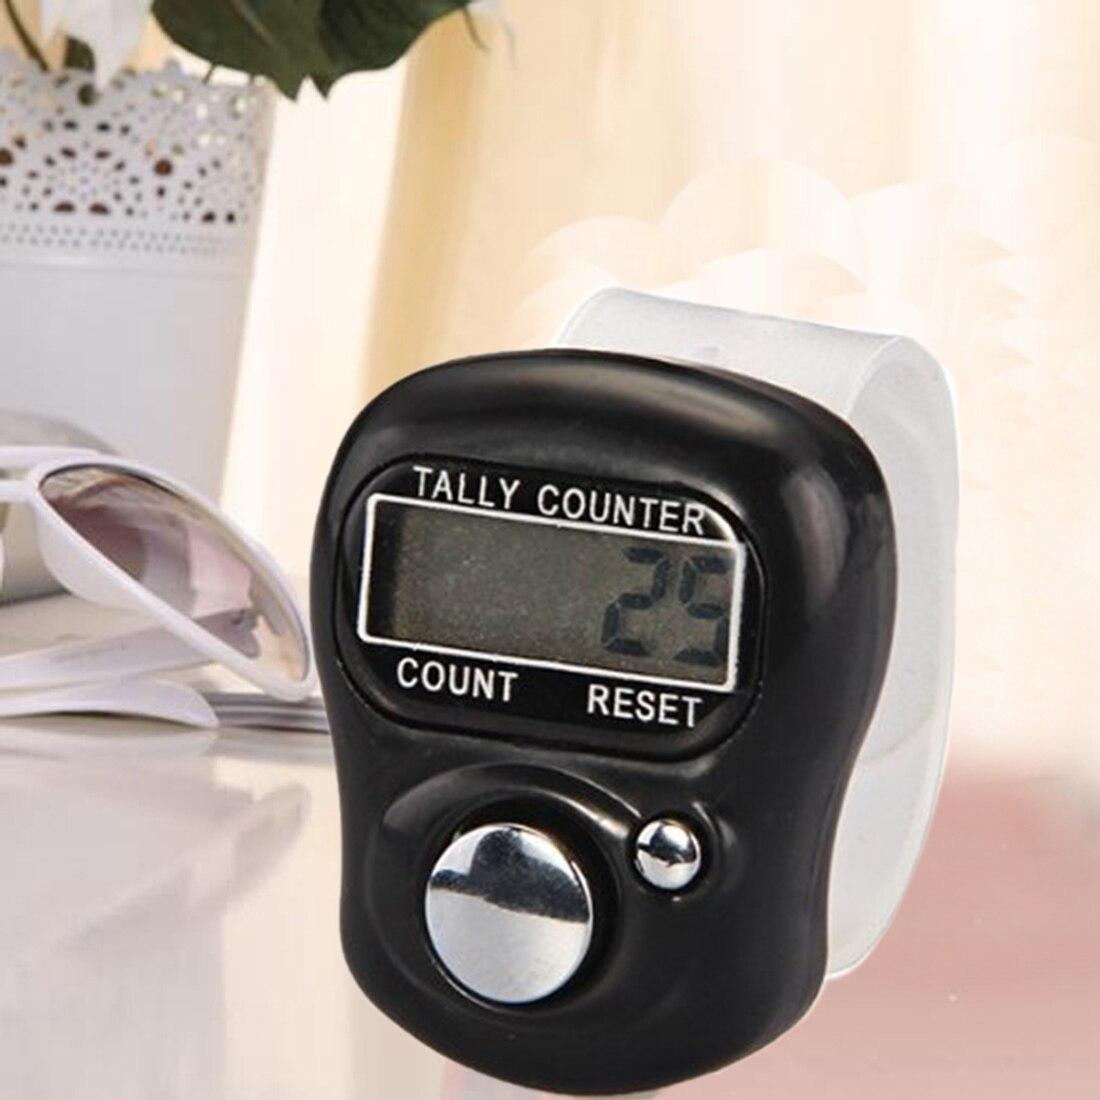 Contador Digital Manual de dedo contador de registro anillo de 5 dígitos contador electrónico LCD con batería 0-99999